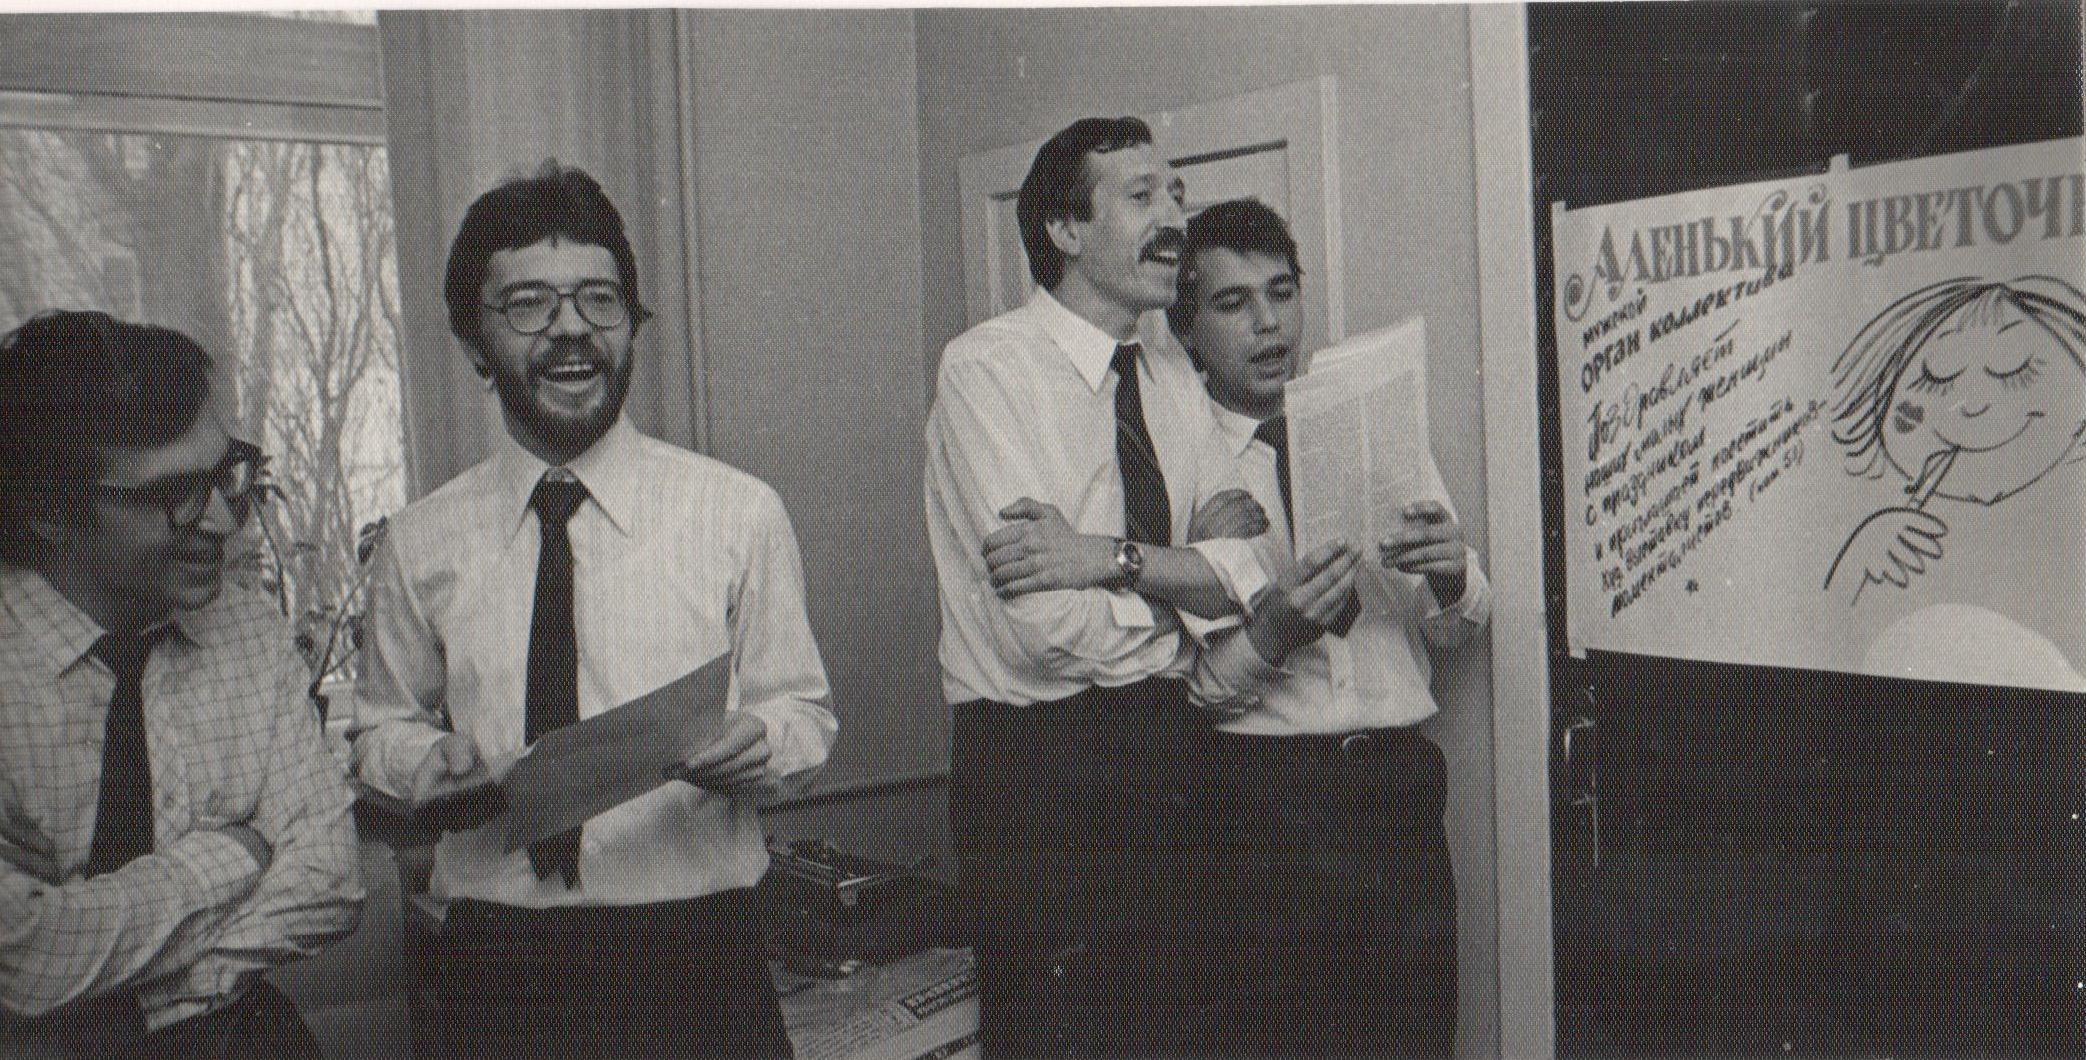 8 марта 1986 г. Вадим Карасев, Михаил Круглов, Осипов, Дмитрий Муратов.